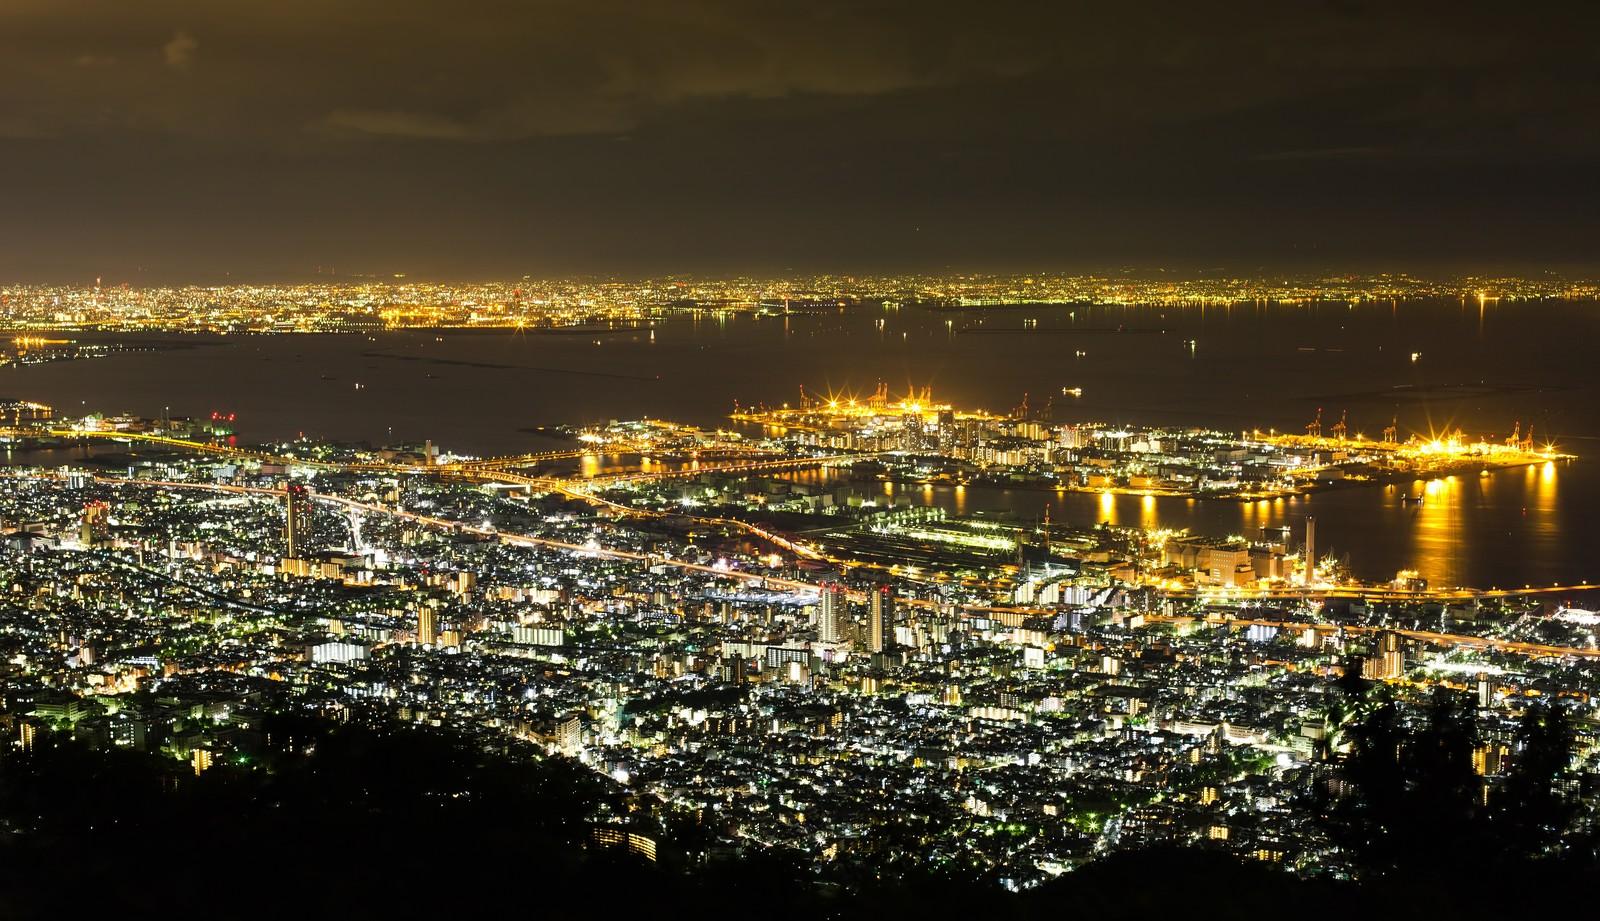 昨日は阪神淡路大震災から22年、そしておむすびの日でした。